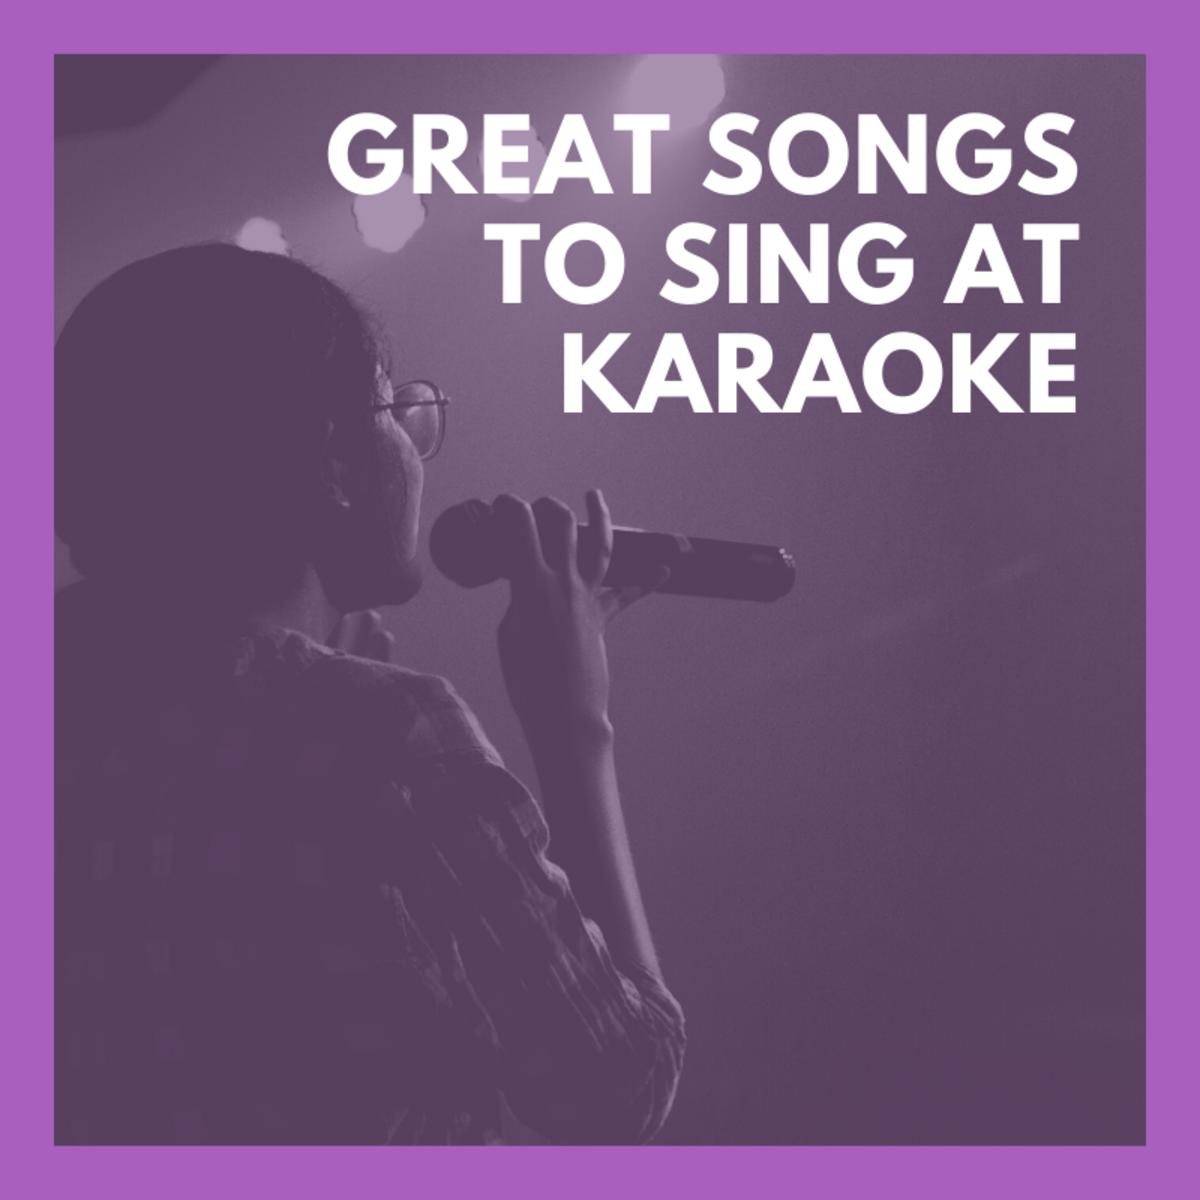 The 100 Best Rock Songs to Sing at Karaoke